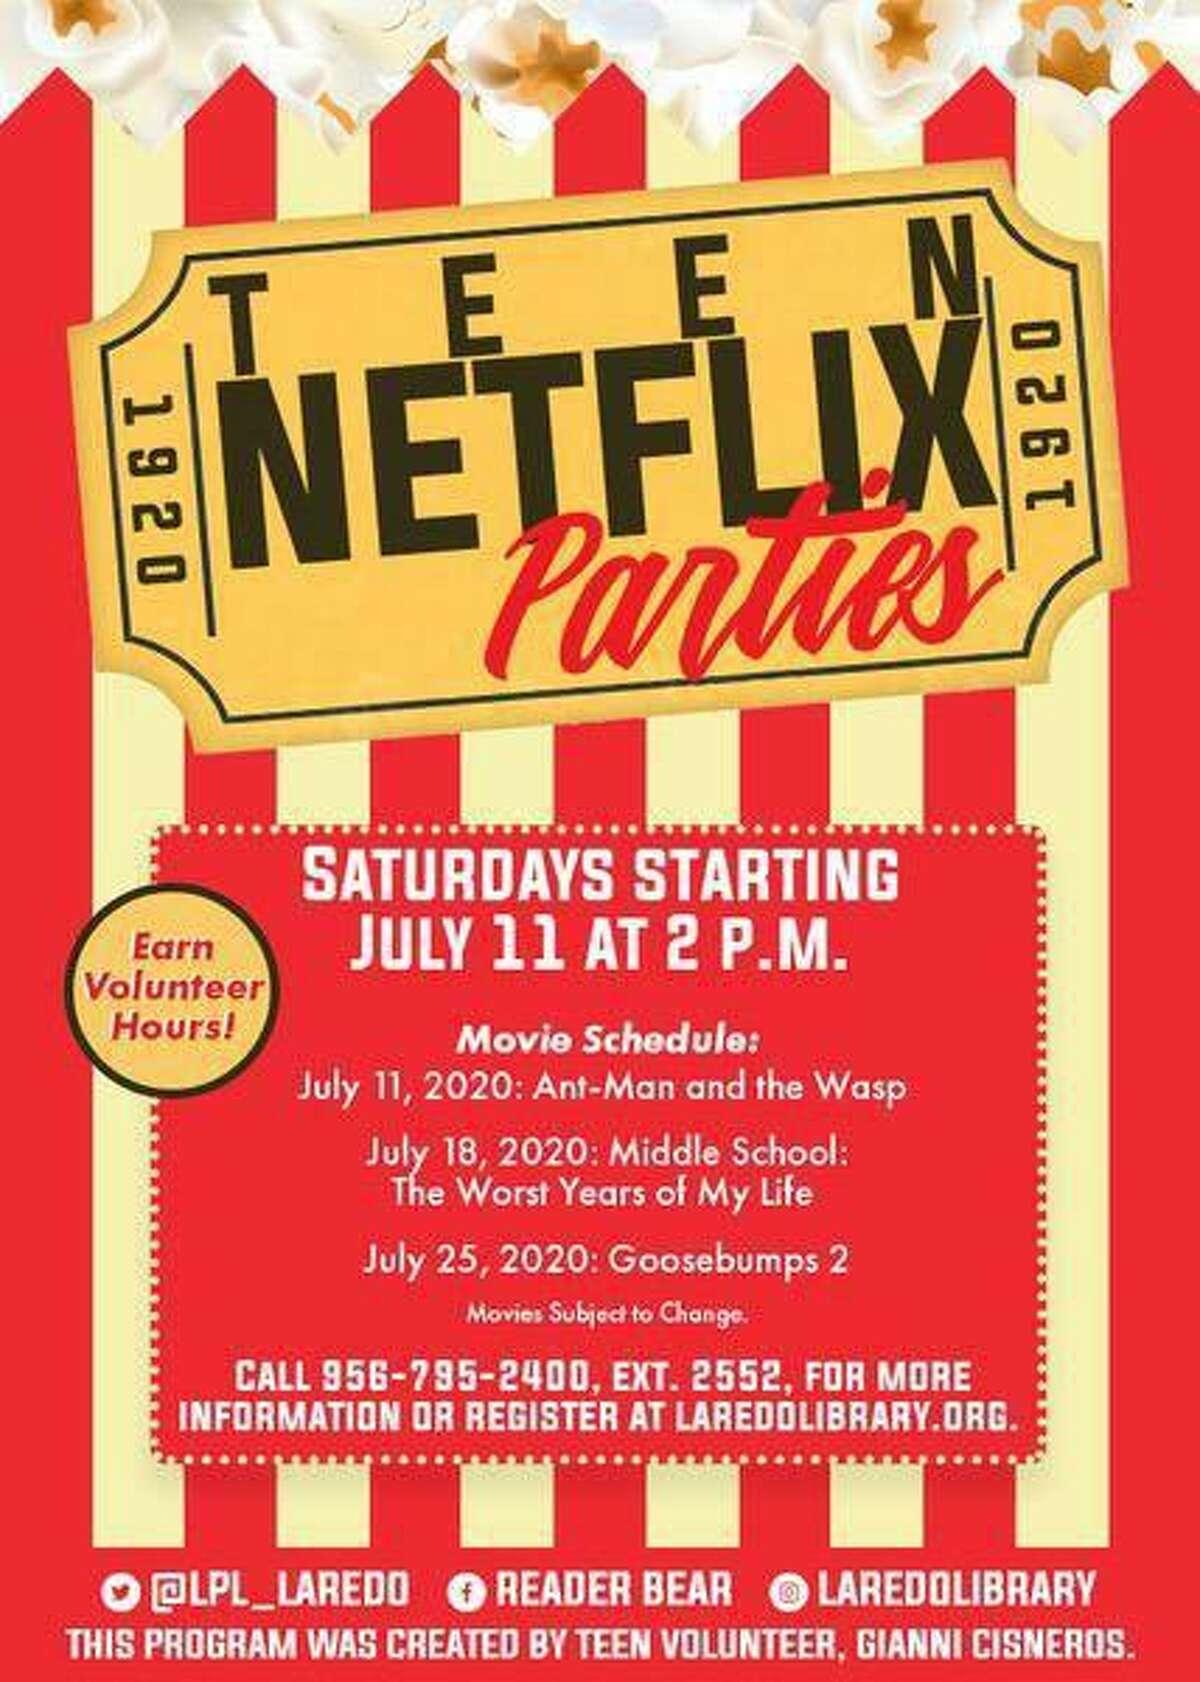 """La Biblioteca Pública de Laredo inicia hoy el evento """"Teen Netflix Parties"""", que busca promover la lectura entre la juventud a través de la proyecición de filmes basados en obras literarias."""